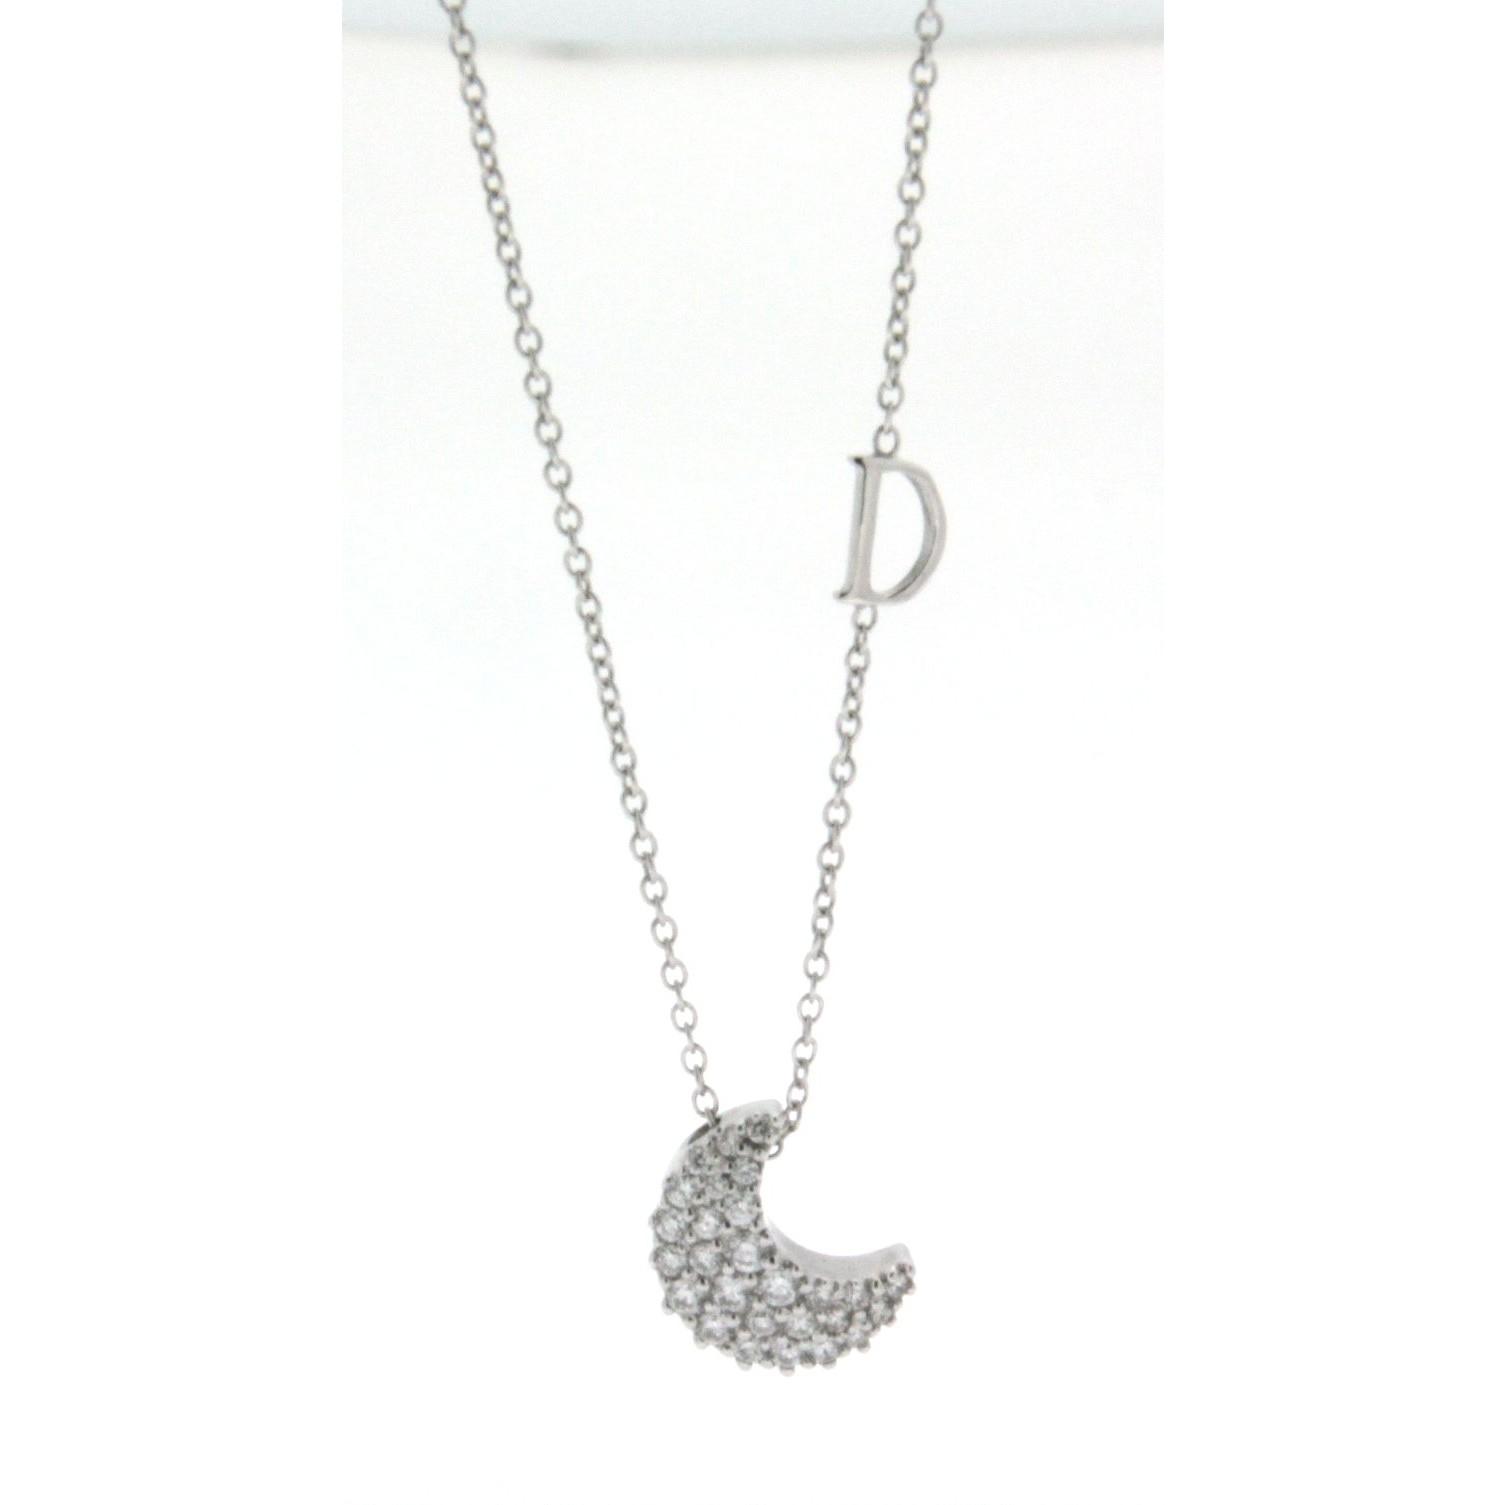 Favoloso Girocollo Damiani con ciondolo a luna con pavé di diamanti AF34